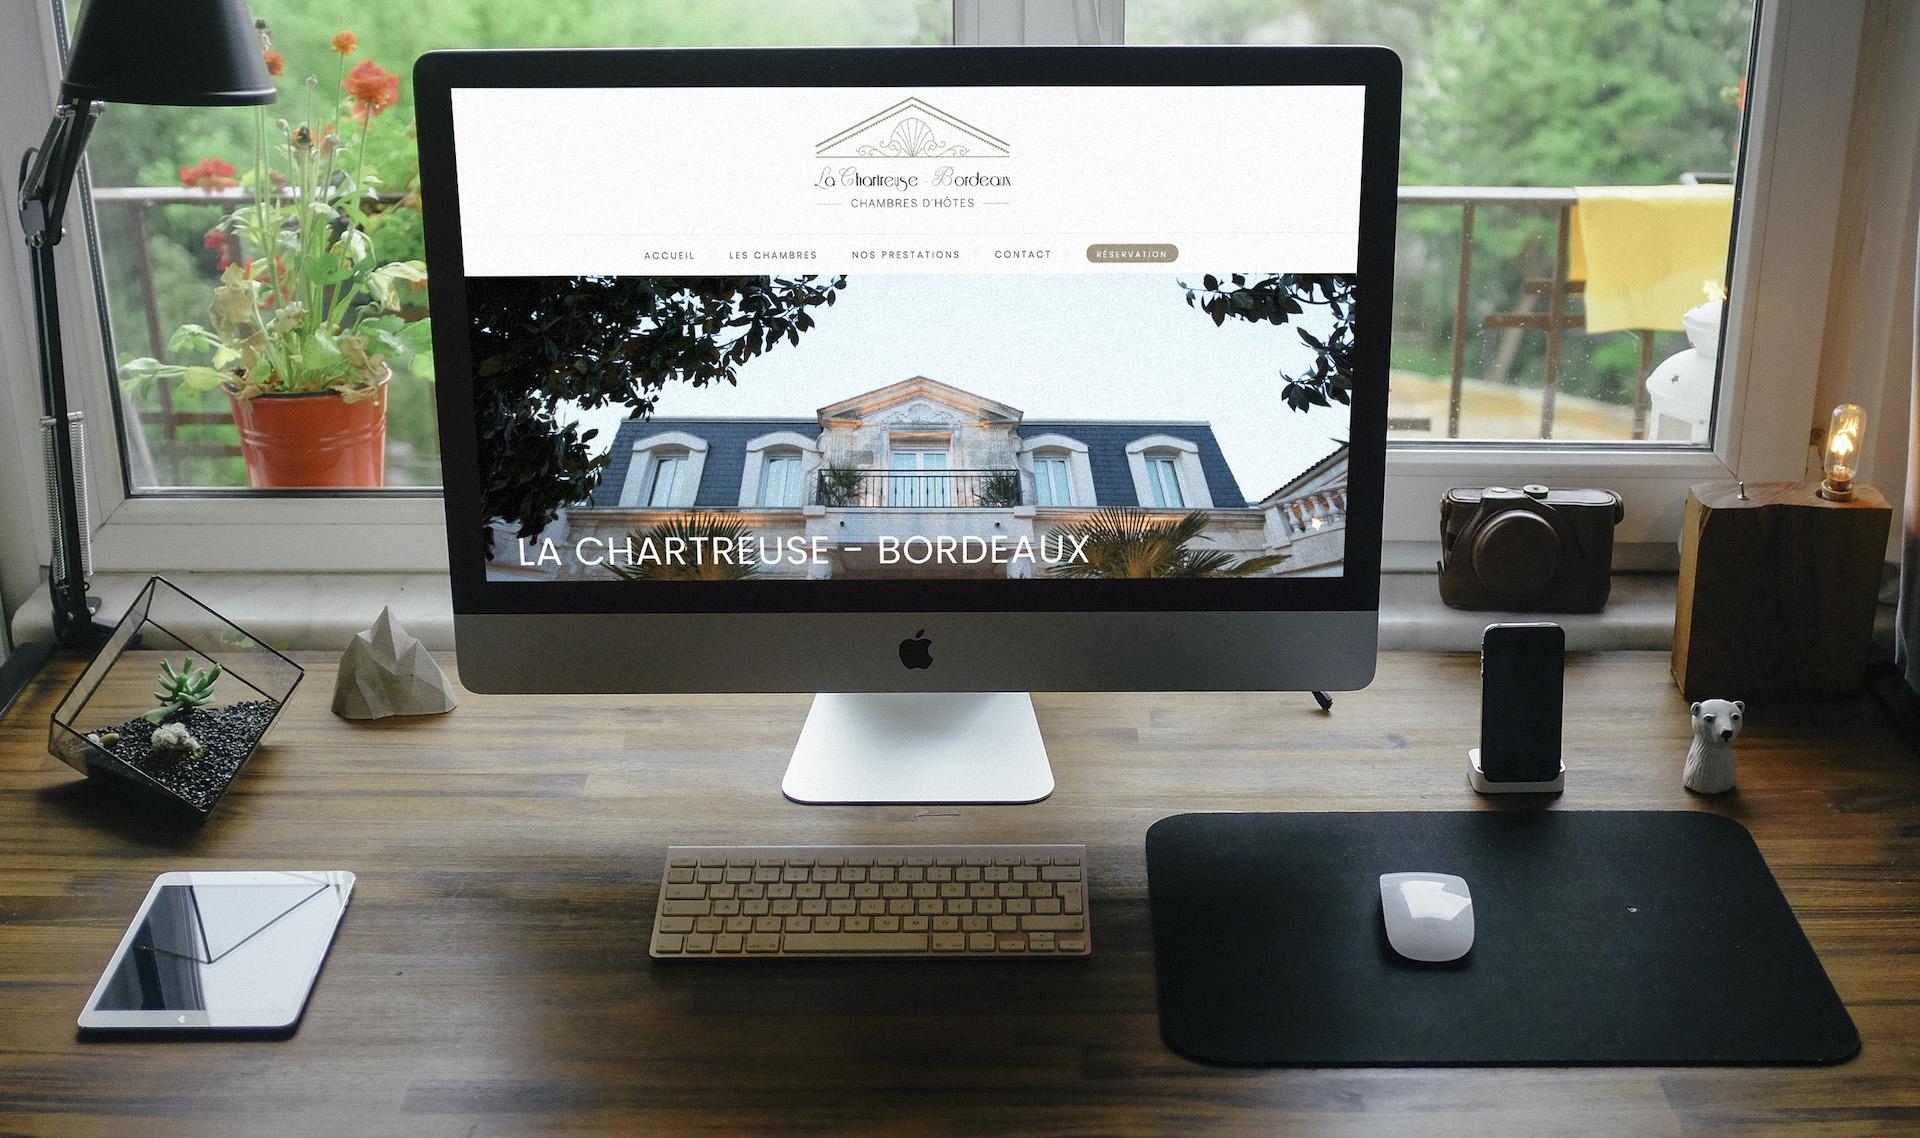 iMac allumé avec la page internet ouverte sur le site Chartreuse Bordeaux